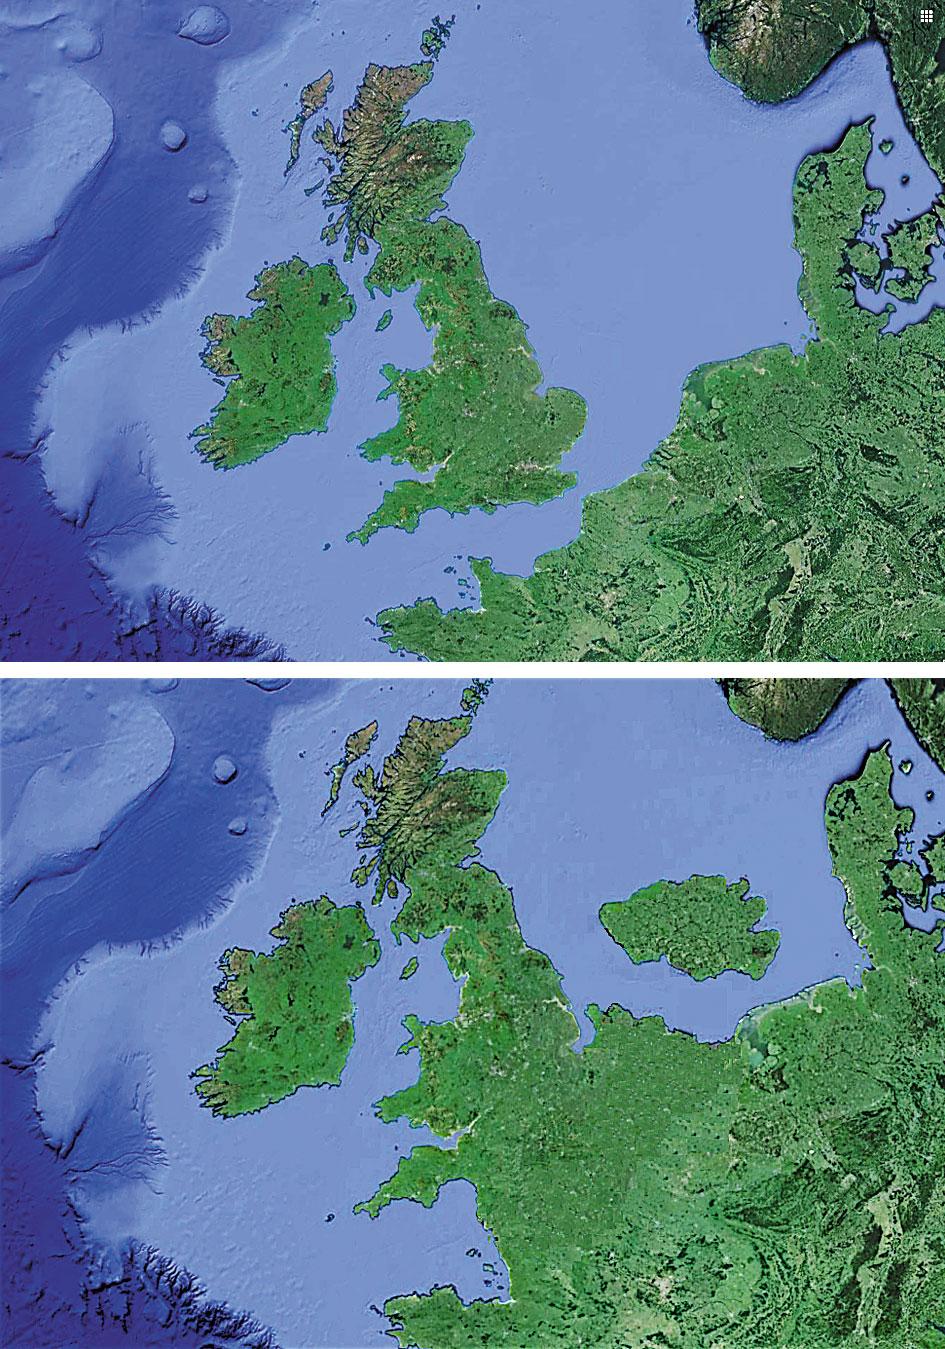 Вверху: Британия сегодня; внизу: приблизительно так выглядела граница моря и суши 10 000 лет назад